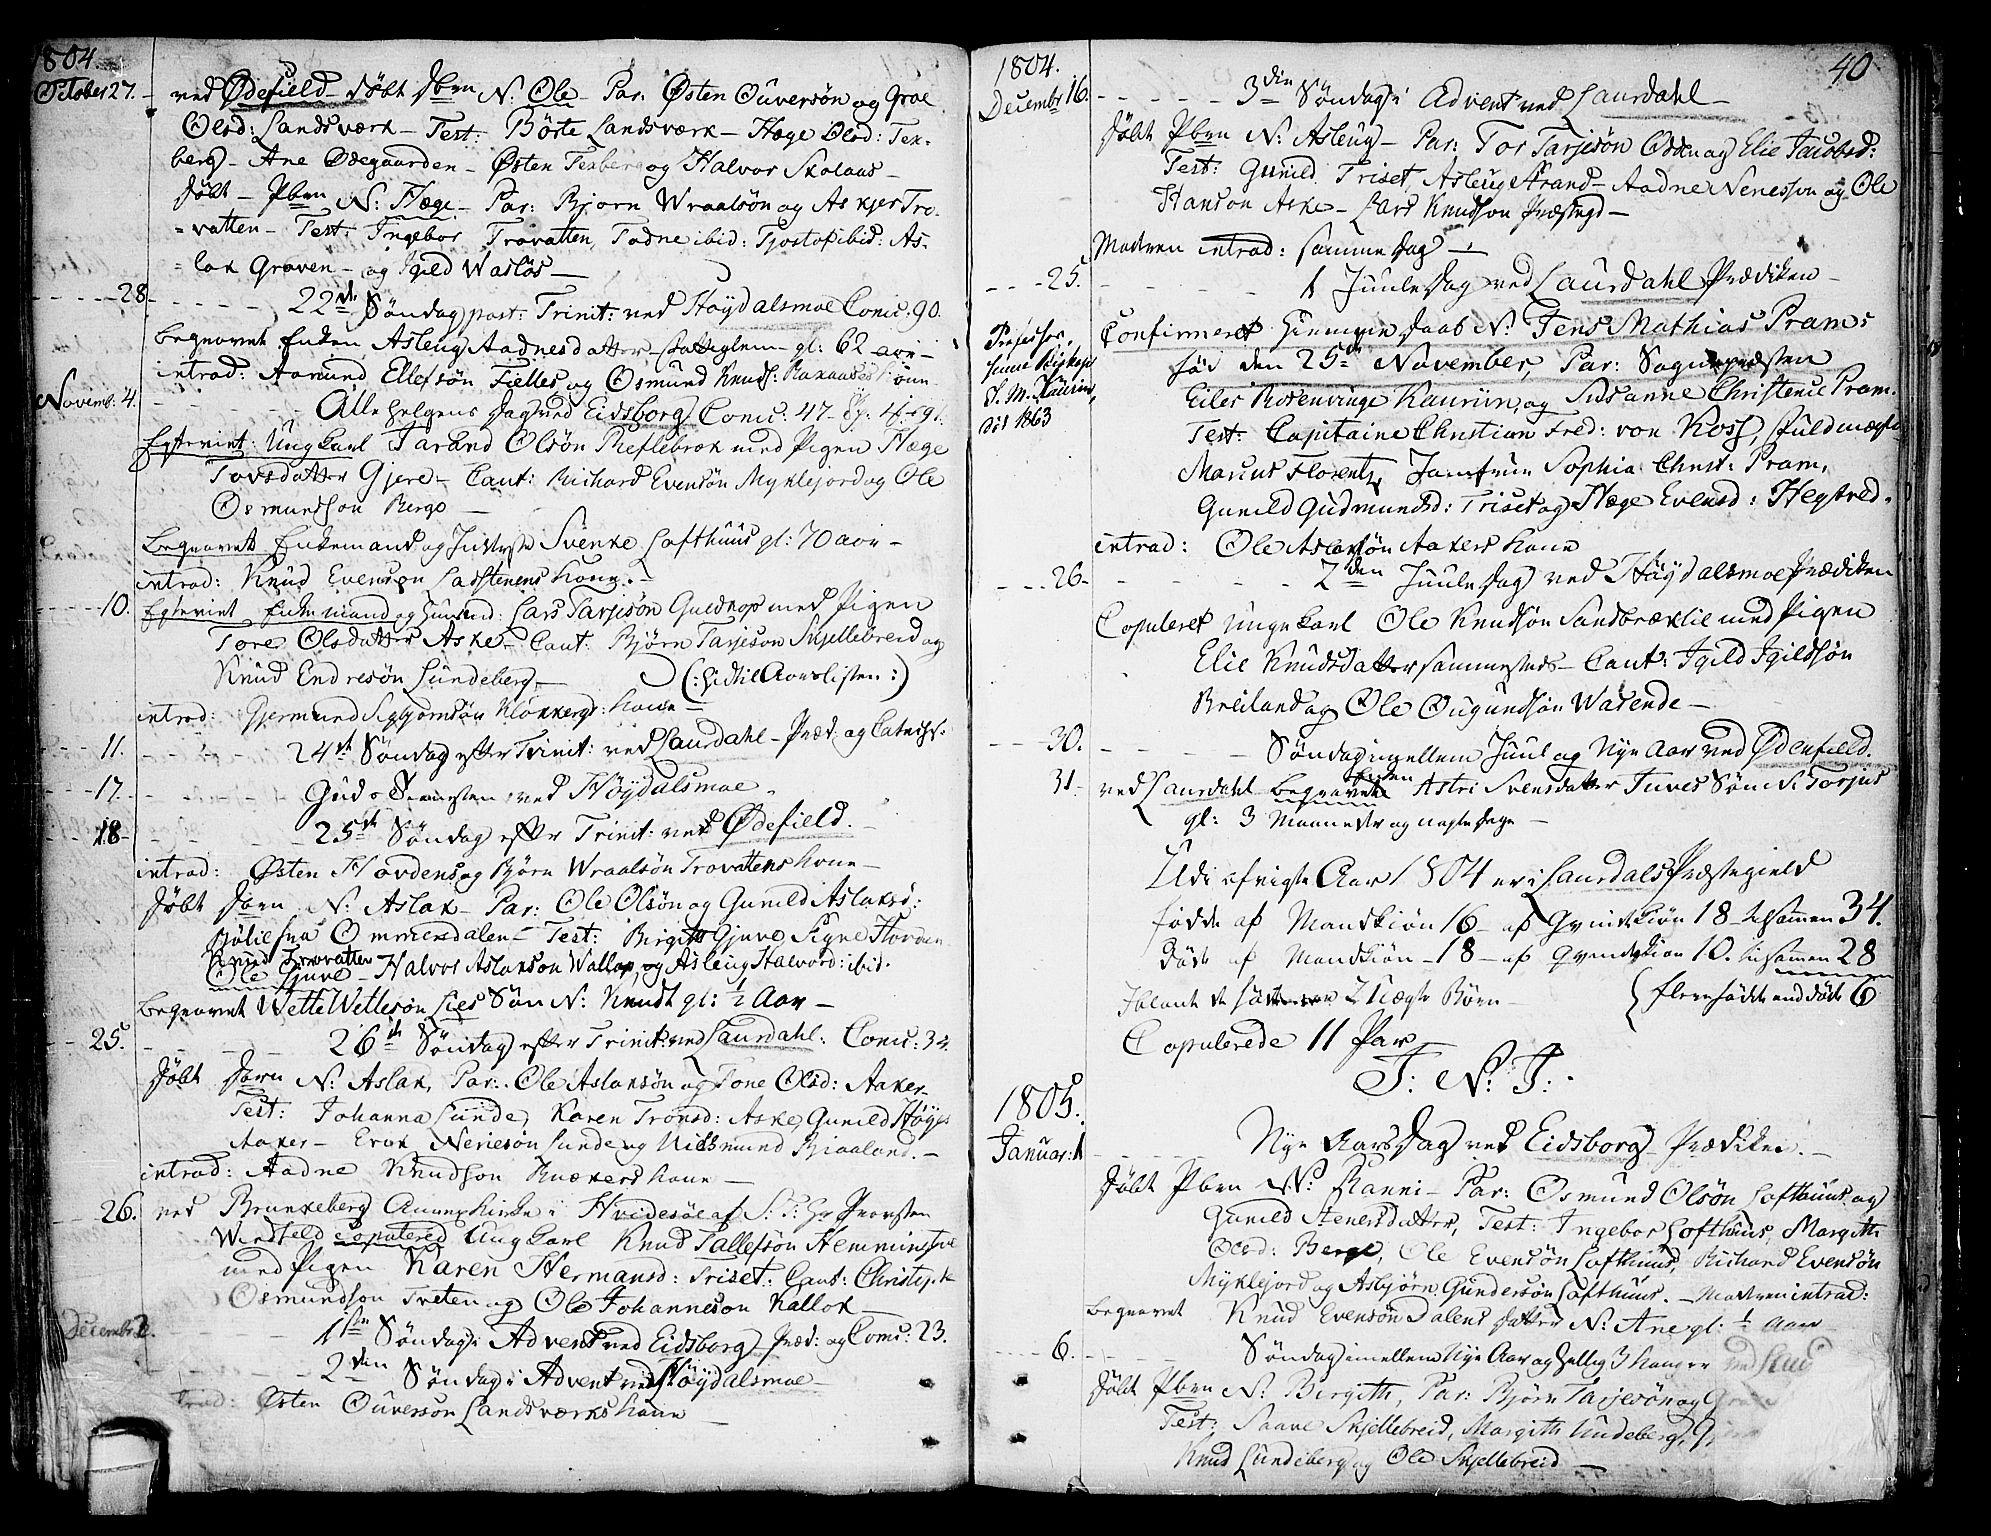 SAKO, Lårdal kirkebøker, F/Fa/L0004: Ministerialbok nr. I 4, 1790-1814, s. 40